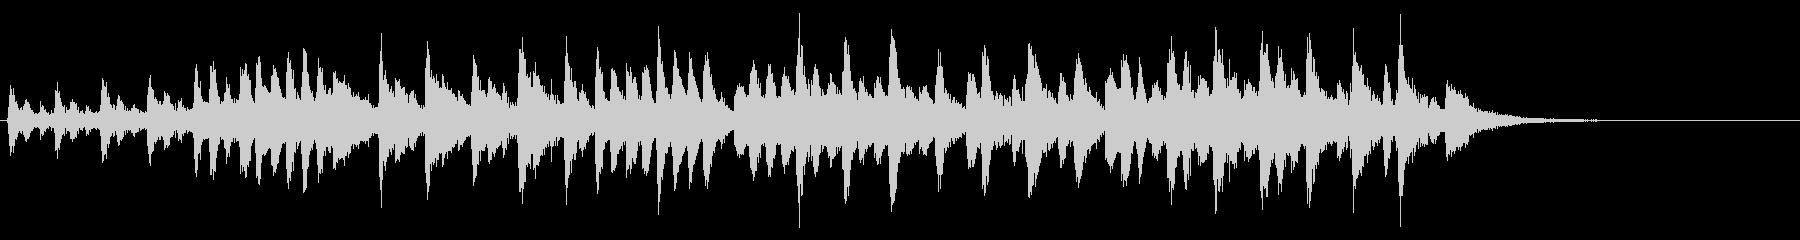 タランテラ(メンデルスゾーン)の未再生の波形